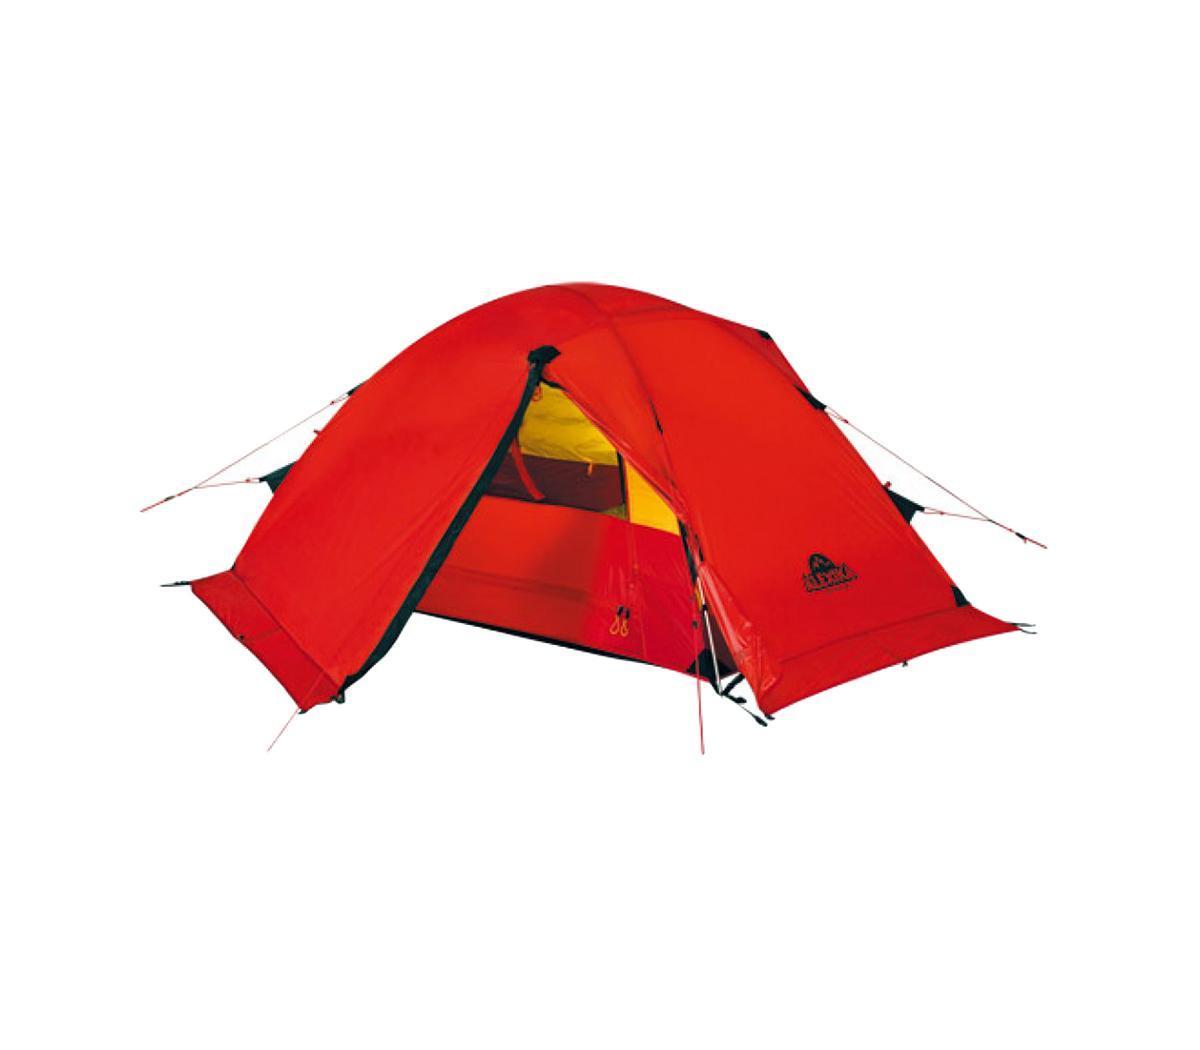 Палатка Alexika Storm 2 RedKOCAc6009LEDЛегкая экспедиционная палатка с двумя тамбурами предназначена для организации высокогорных лагерей, восхождений и эксплуатации в сложных погодных условиях. Обладает высокой ветроустойчивостью, длительное время способна выдерживать сильный дождь и снегопад. Вес: 3,8 кг. Количество мест: 2. Сезонность: зима. Размер: 240 x 215 x 90 см. Размер в чехле: 18 x 52 см. Материал тента: Nylon 30D 250T RipStop Silicon 3000 mm. Материал дна: Polyester 150D Oxford PU 6000 mm. Внутренняя палатка: есть. Материал дуг: Alu 8.5 mm. Ветроустойчивость: очень высокая. Количество входов: 2. Цвет: красный. Область применения: экстрим. Технологии:Пропитка, задерживающая распространение огня. Швы герметизированы термоусадочной лентой. Тент устойчив к ультрафиолету. Узлы палатки, испытывающие высокие нагрузки, усилены более прочной тканью. Край тента обшит прочной стропой. Молнии на внешнем тенте фиксируются алюминиевым крючком. Эффективная система вентиляции состоит из двух вентиляционных окон с ветровым клапаном, расположенных в верхней точке купола. Прочный нейлоновый тент с усиленным плетением RipStop и силиконовым покрытием. Полог (юбка) по периметру палатки защищает от попадания дождя и снега и при загрузке увеличивает устойчивость конструкции. При необходимости быстро собирается с помощью петель с фиксаторами. Молнии YKK на внешнем тенте. Цвет: оранжевый. Материал: Nylon 6.6 30D 250T RipStop Silicon PU, polyester 150D Oxford PU.